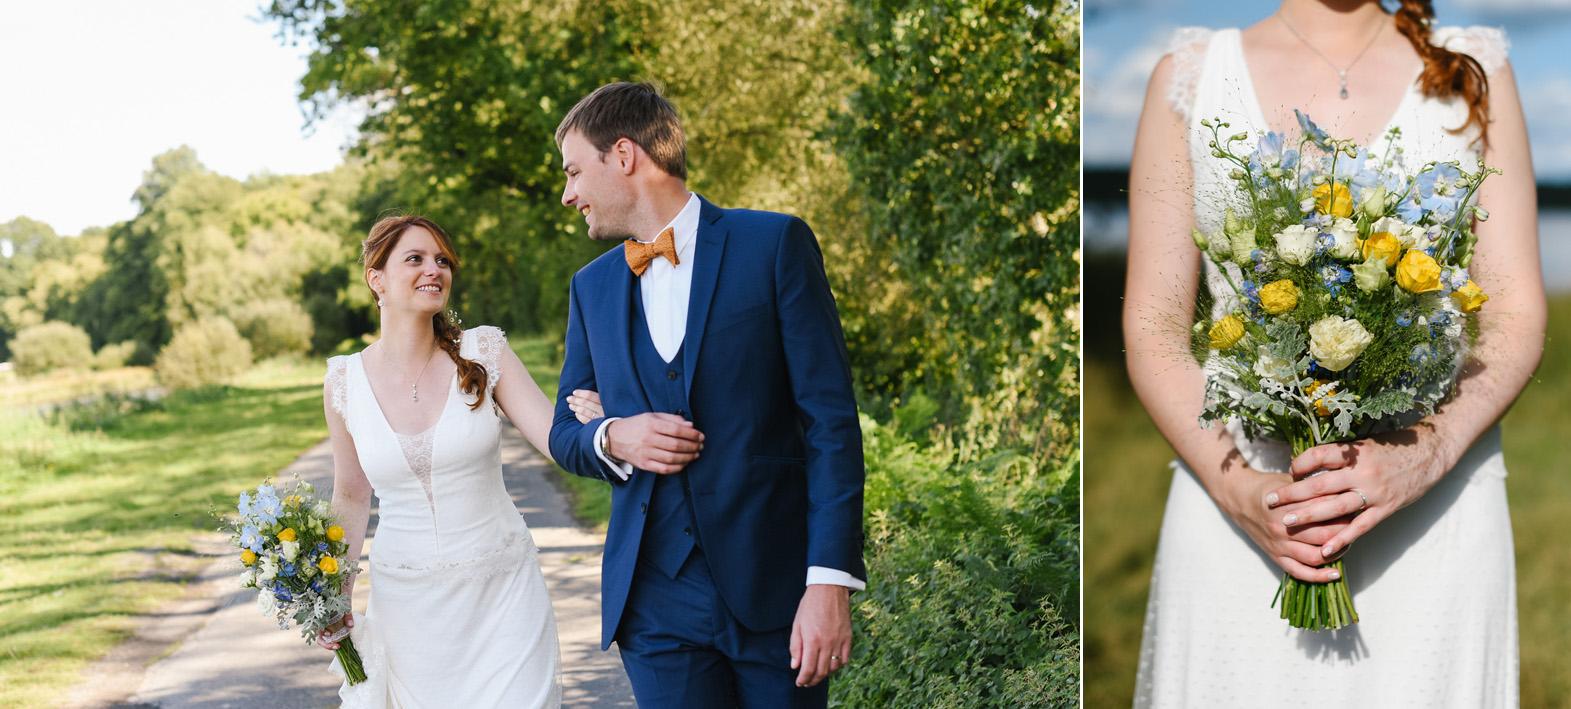 mariage_MT_les Faucheries_72_Sarthe_photographie_clemence_dubois_MEP 16